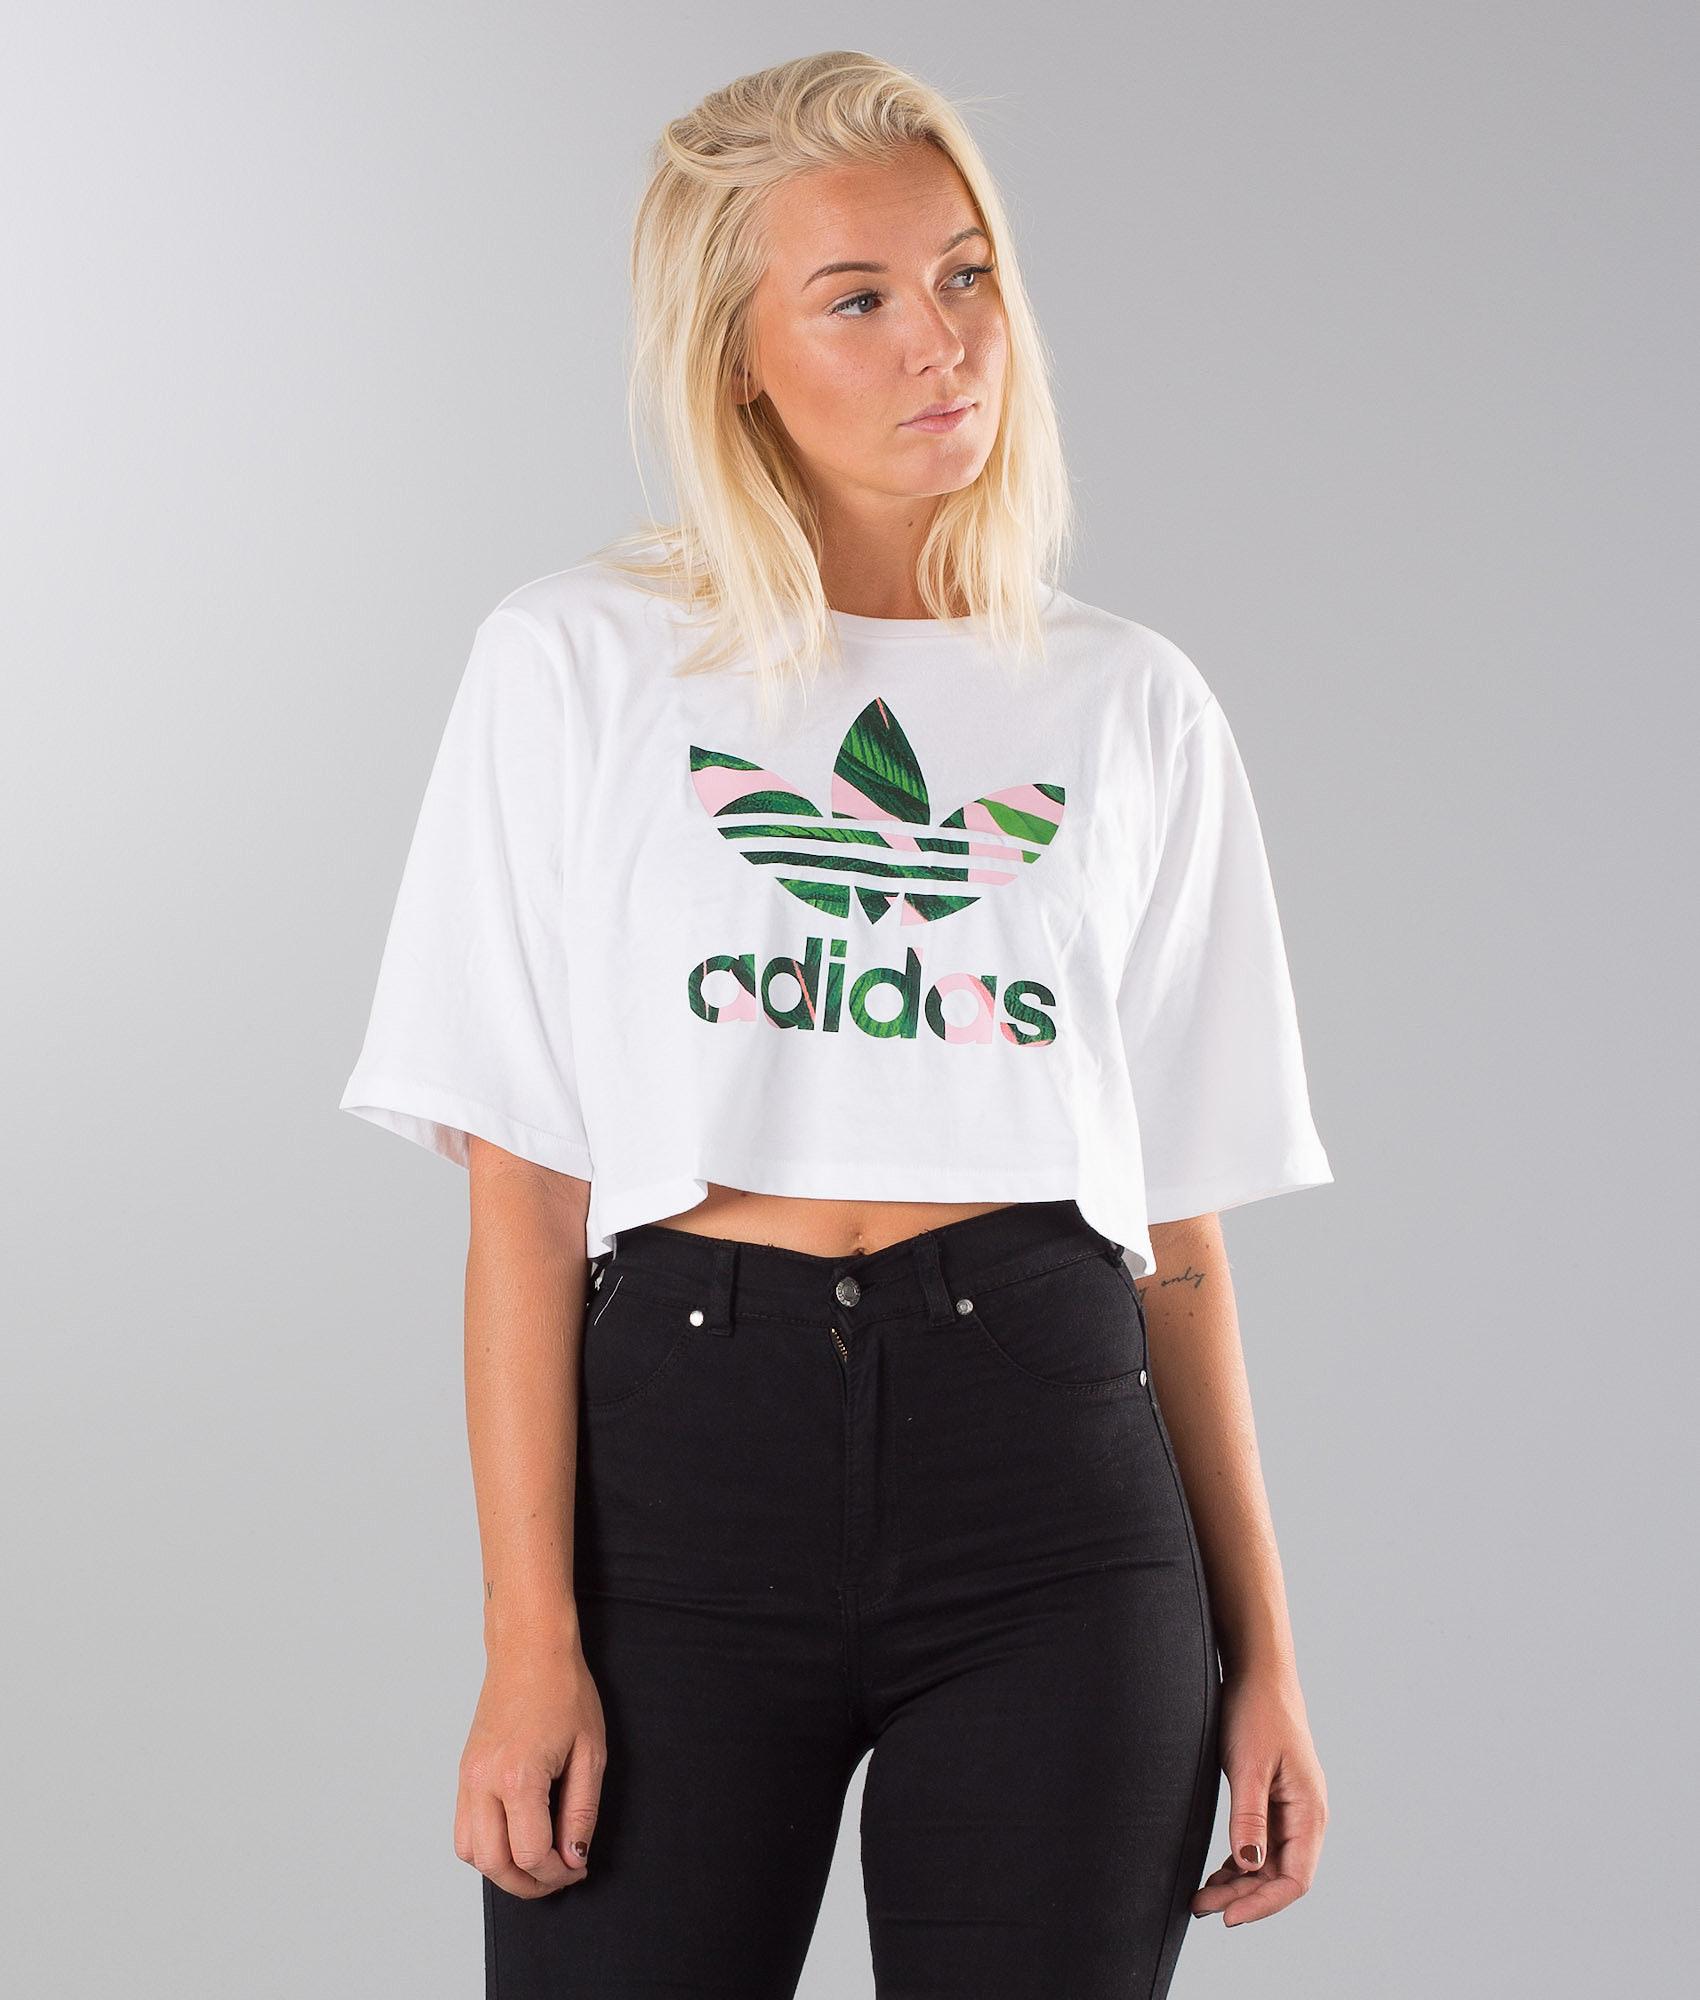 8eb3f624 Adidas Originals Cropped T-shirt White - Ridestore.com